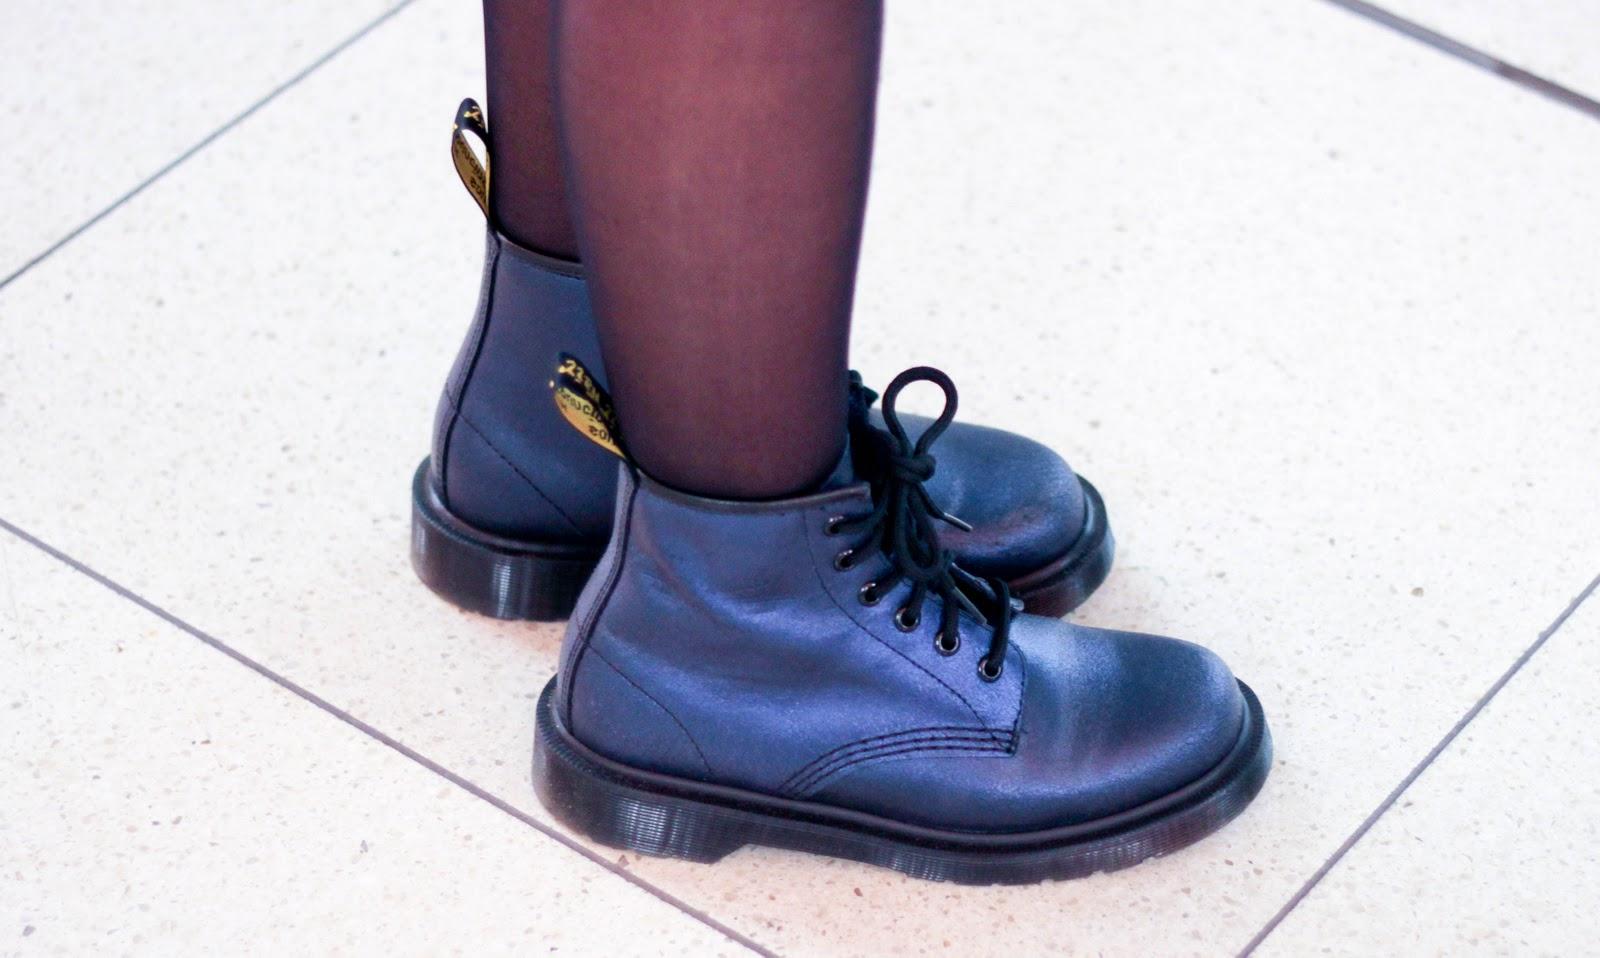 DémodeLe MartensTendance Jamais»Docs Se La Mode Style qVzMpSU